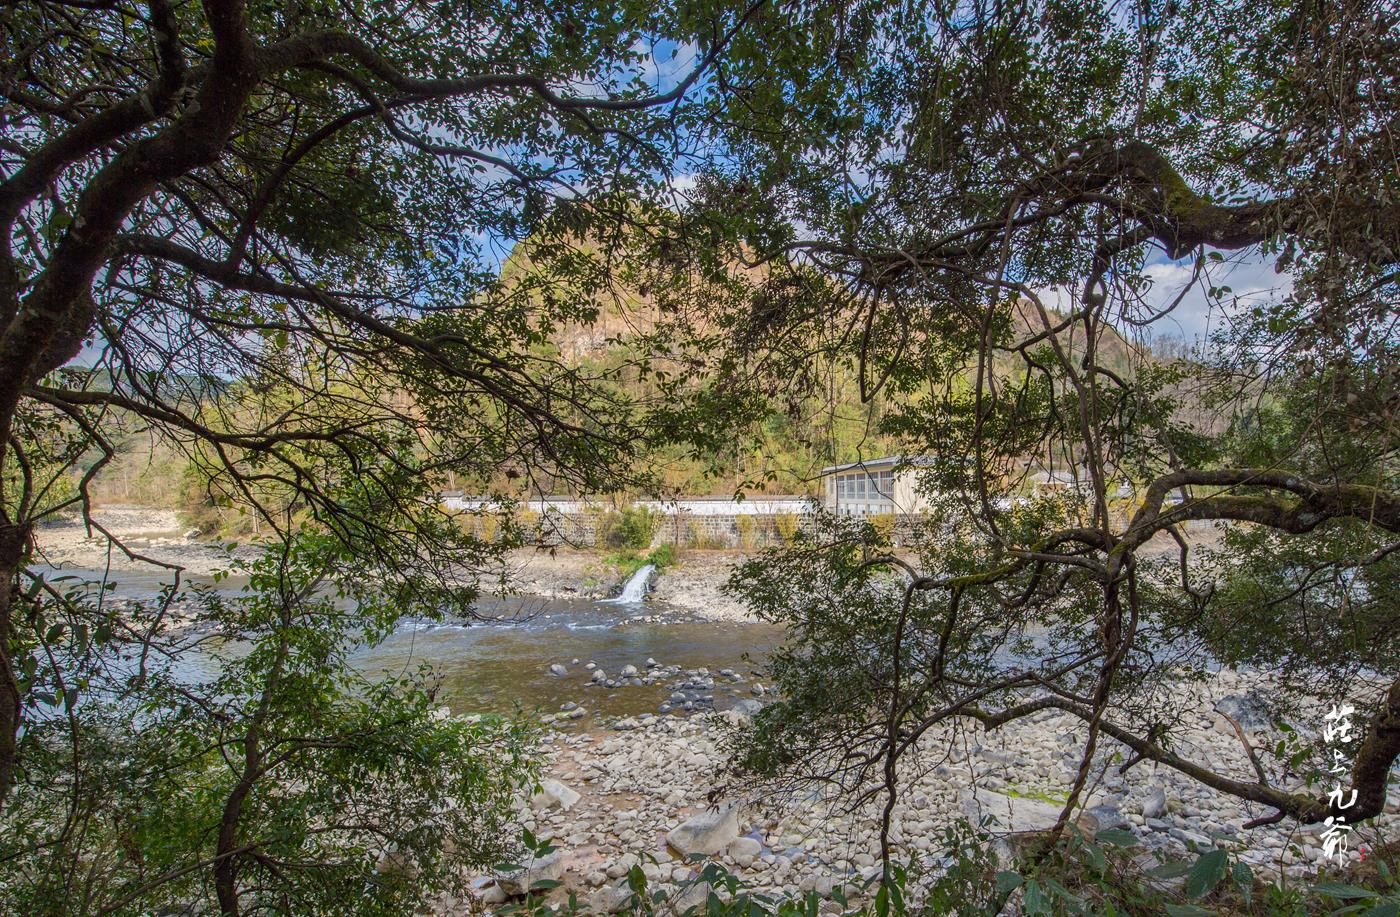 一条野味十足的黑水河 河里有你从未见过的黑水鱼